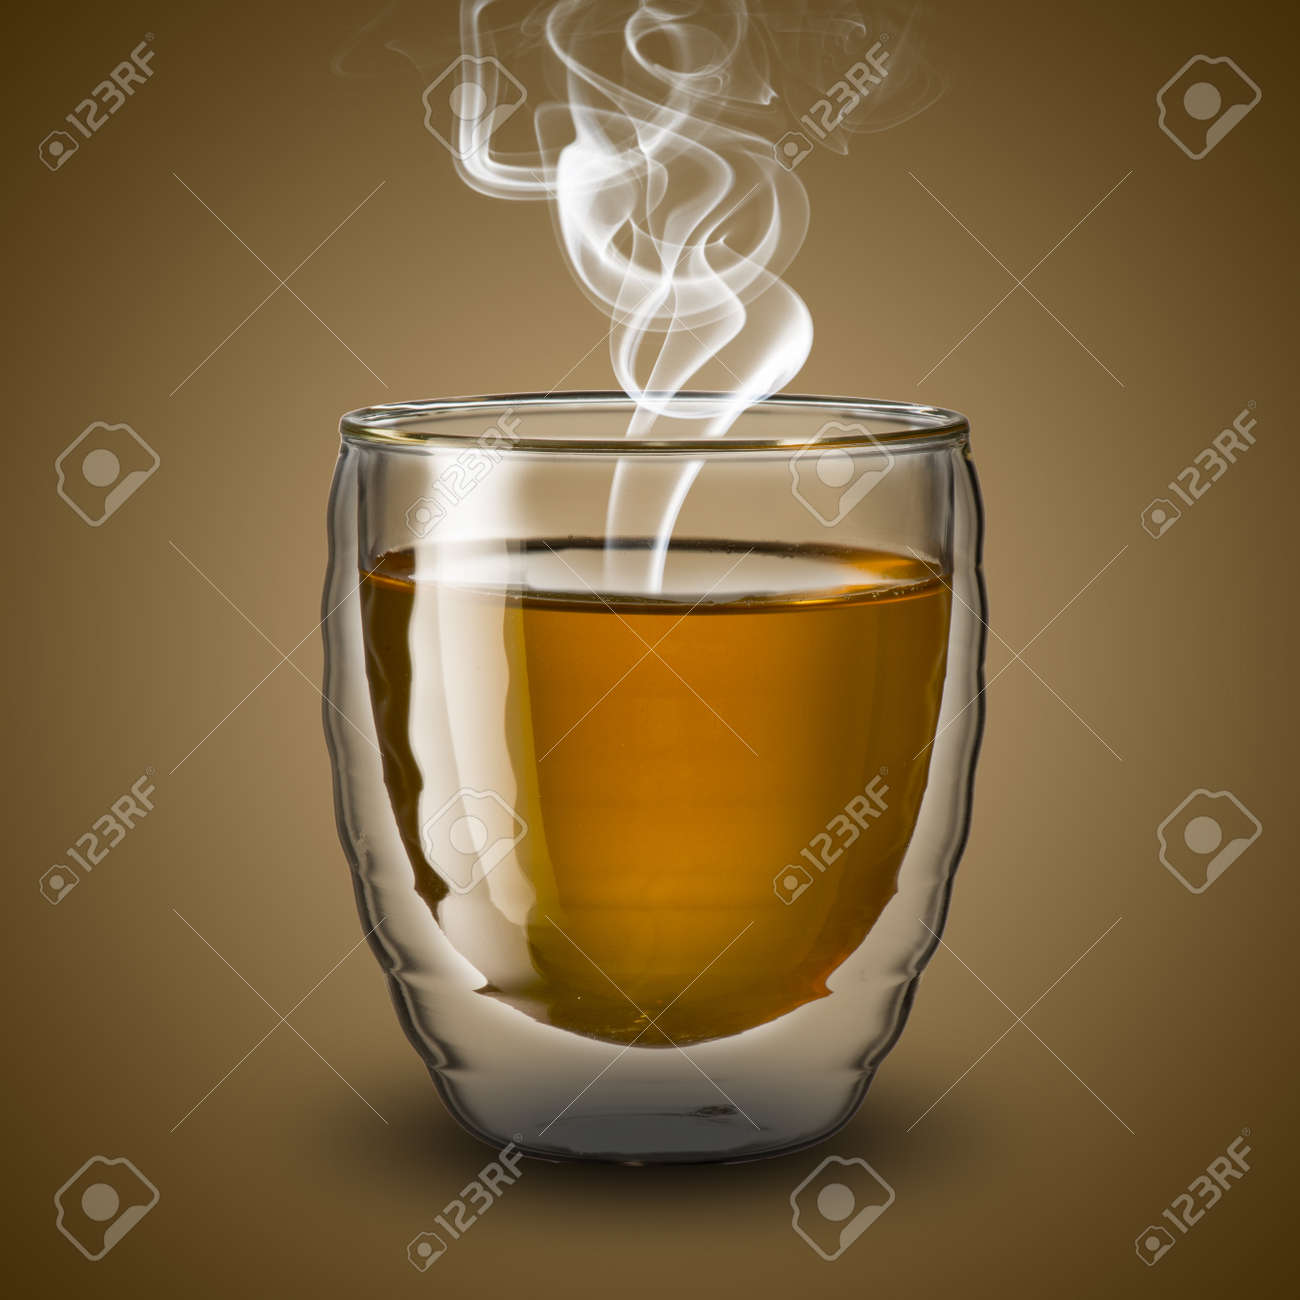 Фото стакан чая в купе 6